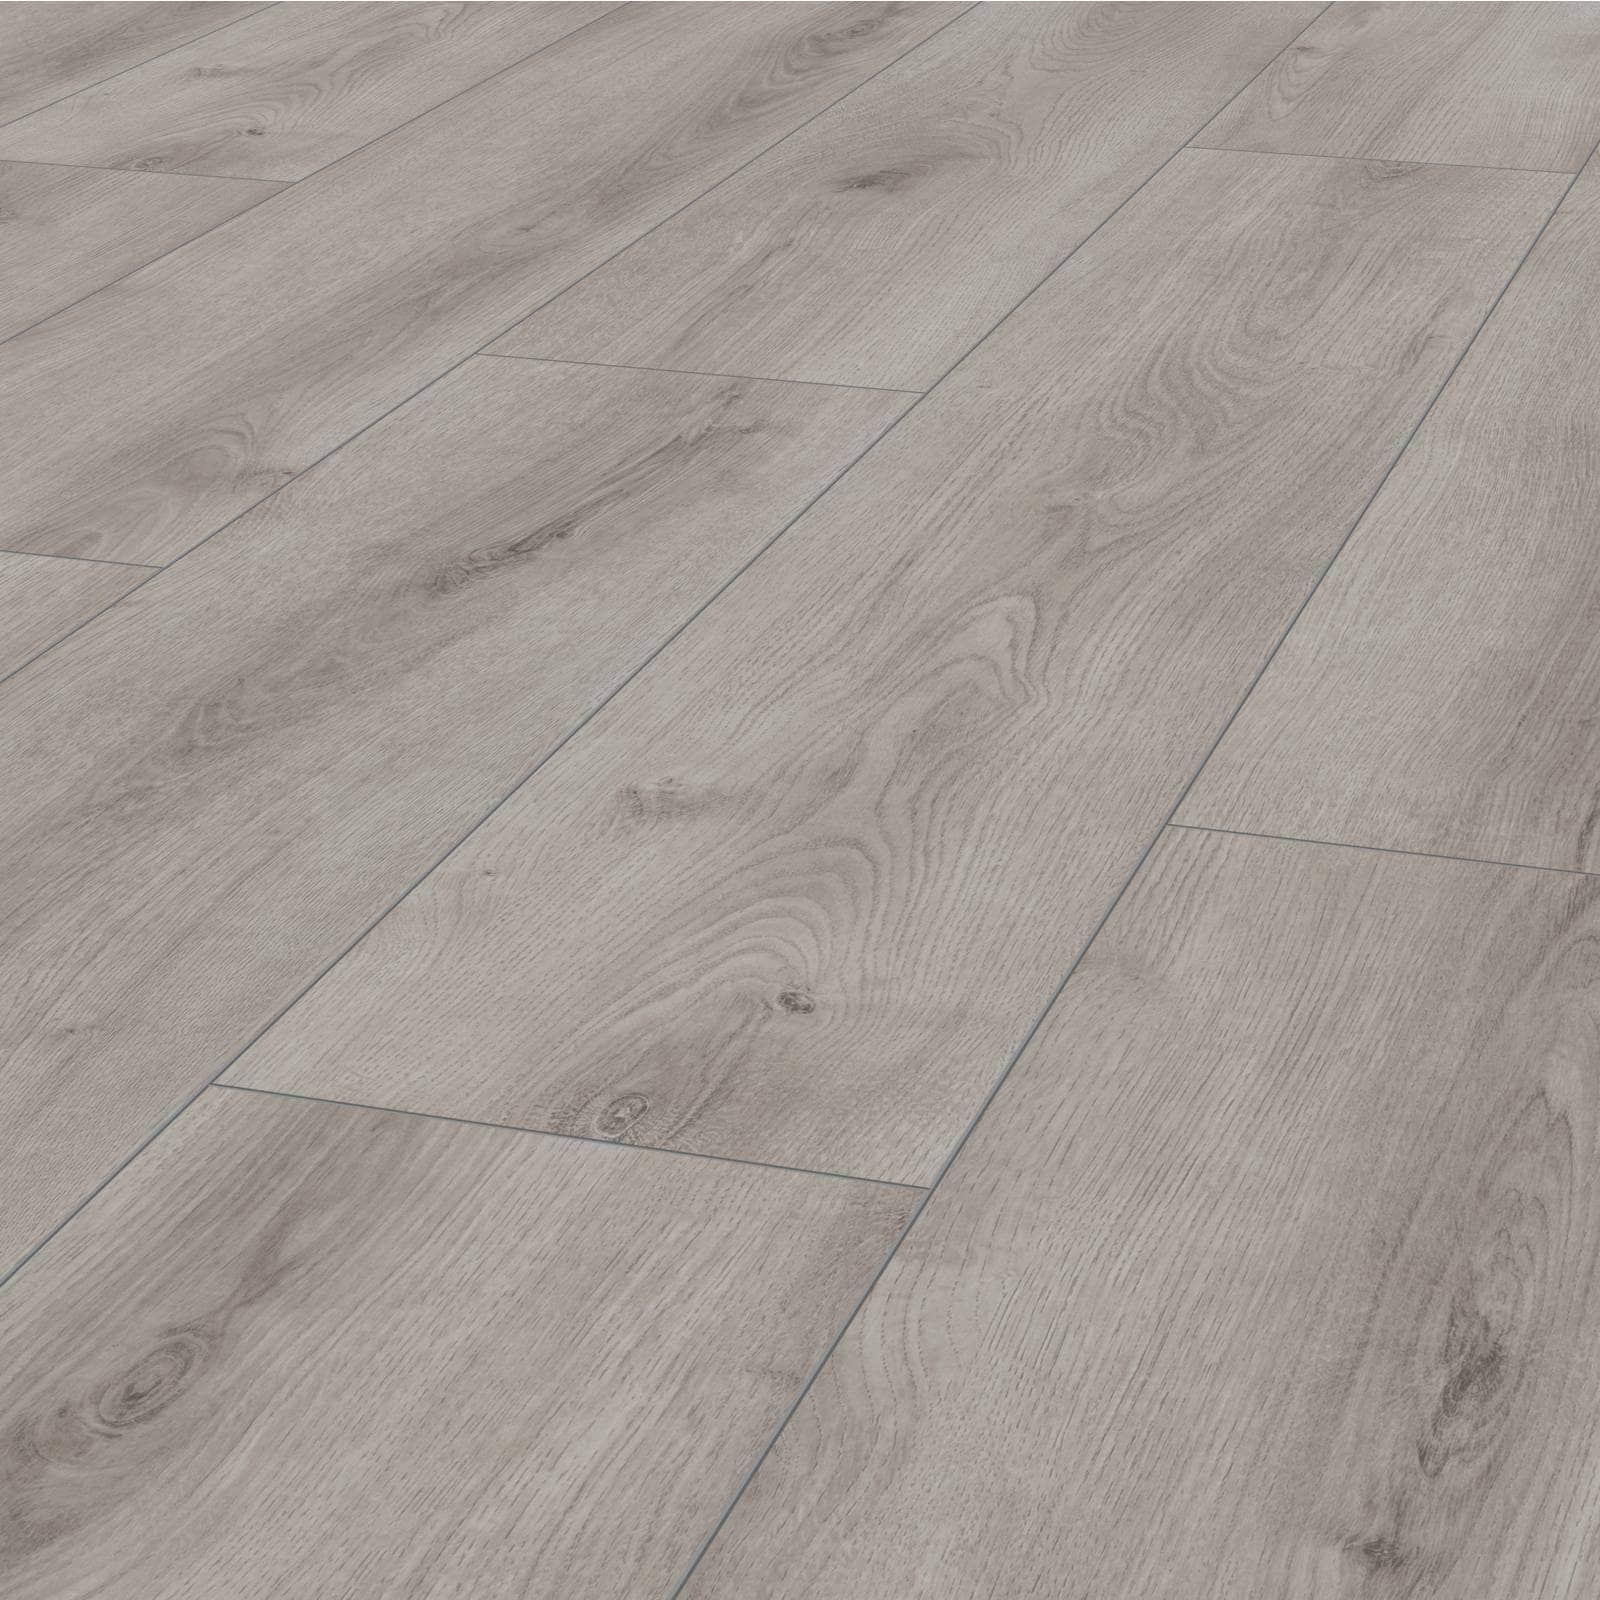 Ongekend Zomer grijs brede planken 113904   Vloeren Centrum Zwolle - Uw QE-39